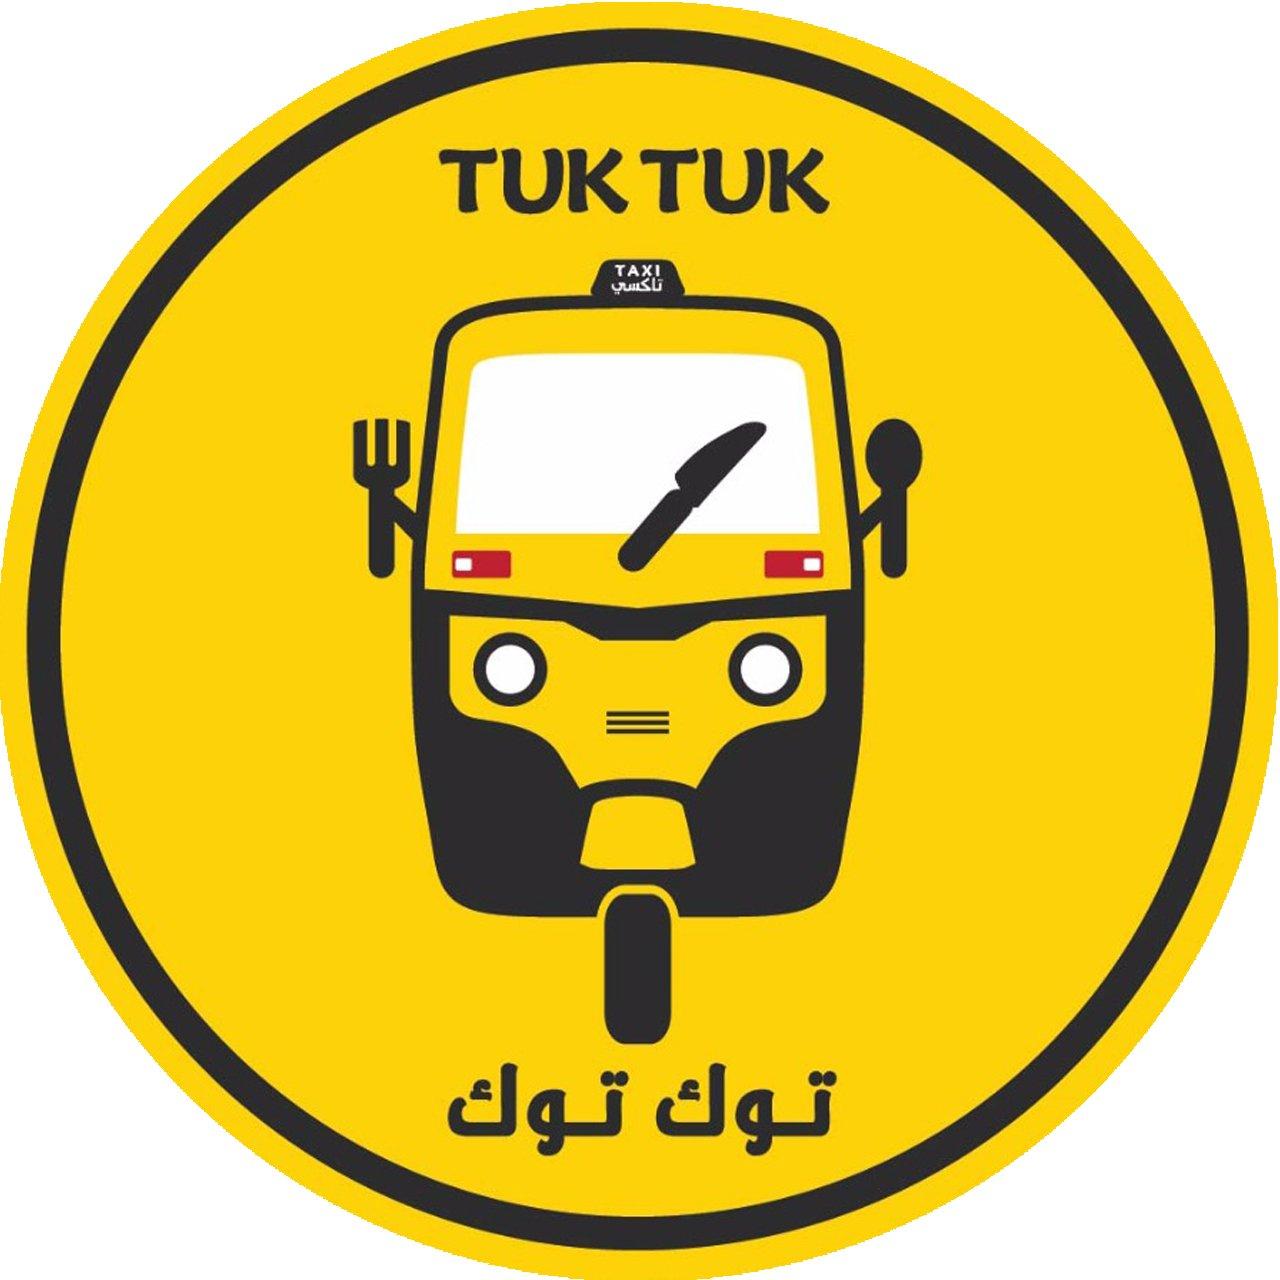 @tuktuktaxi1